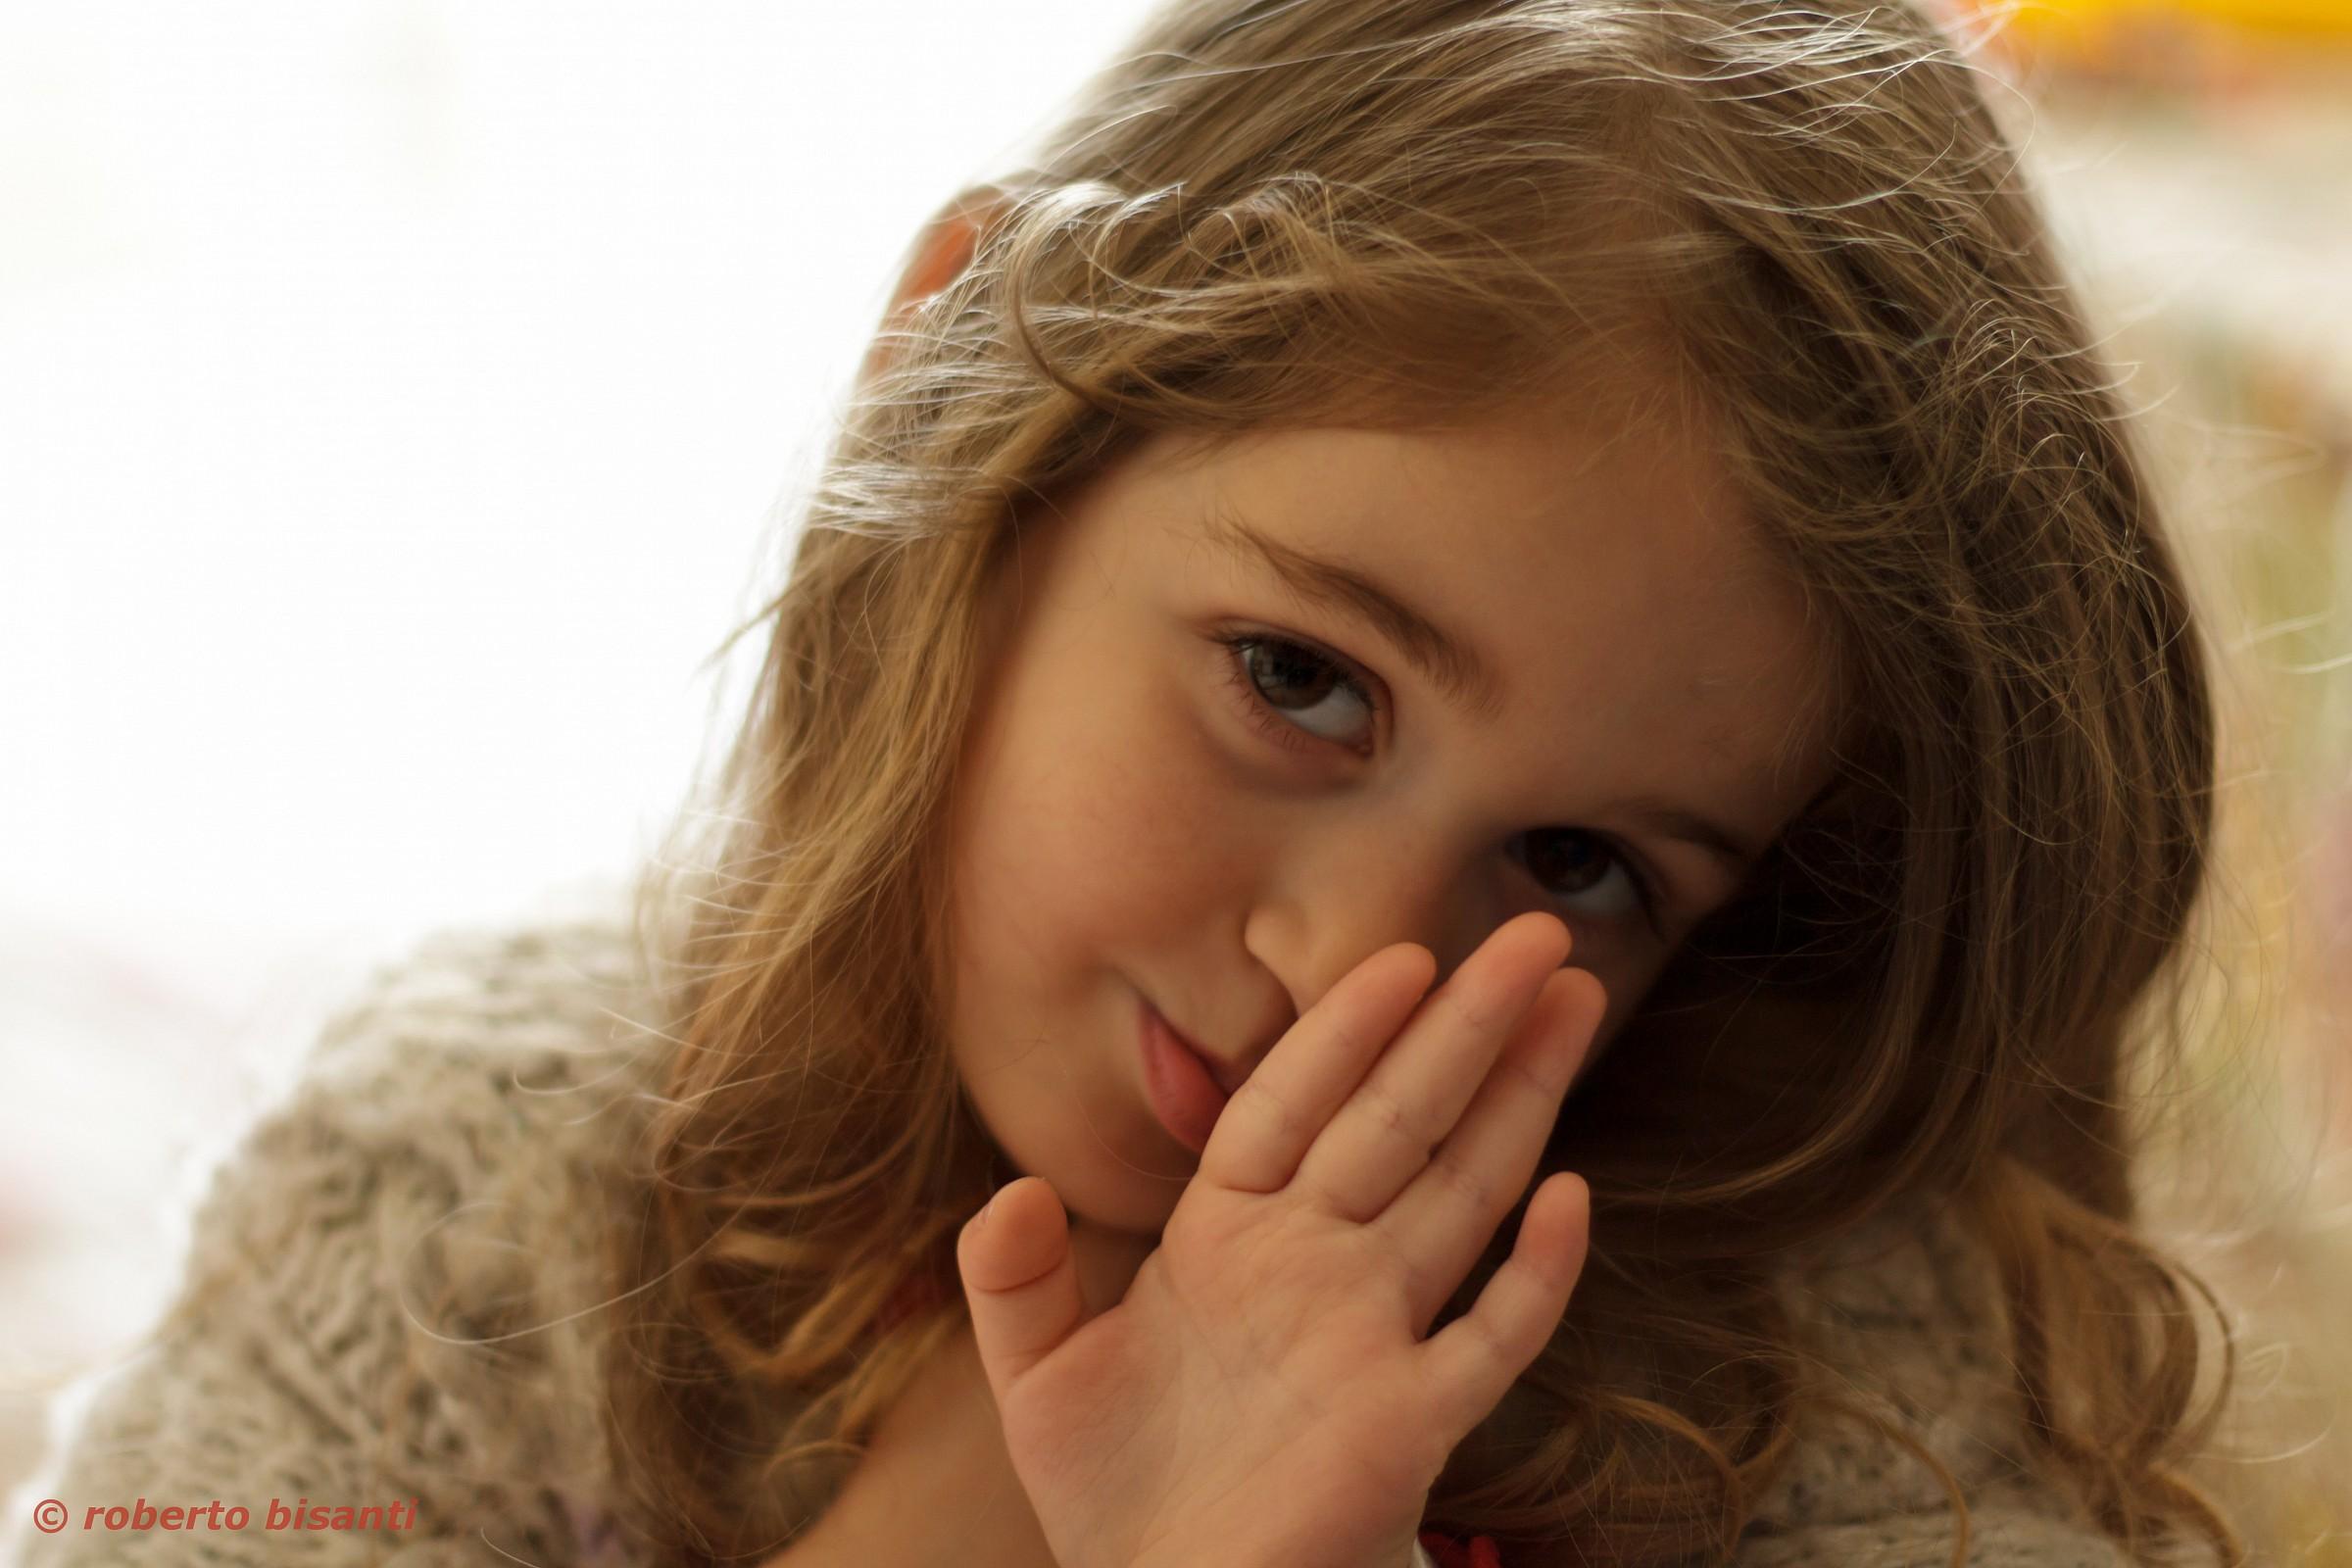 sara, my daughter ......